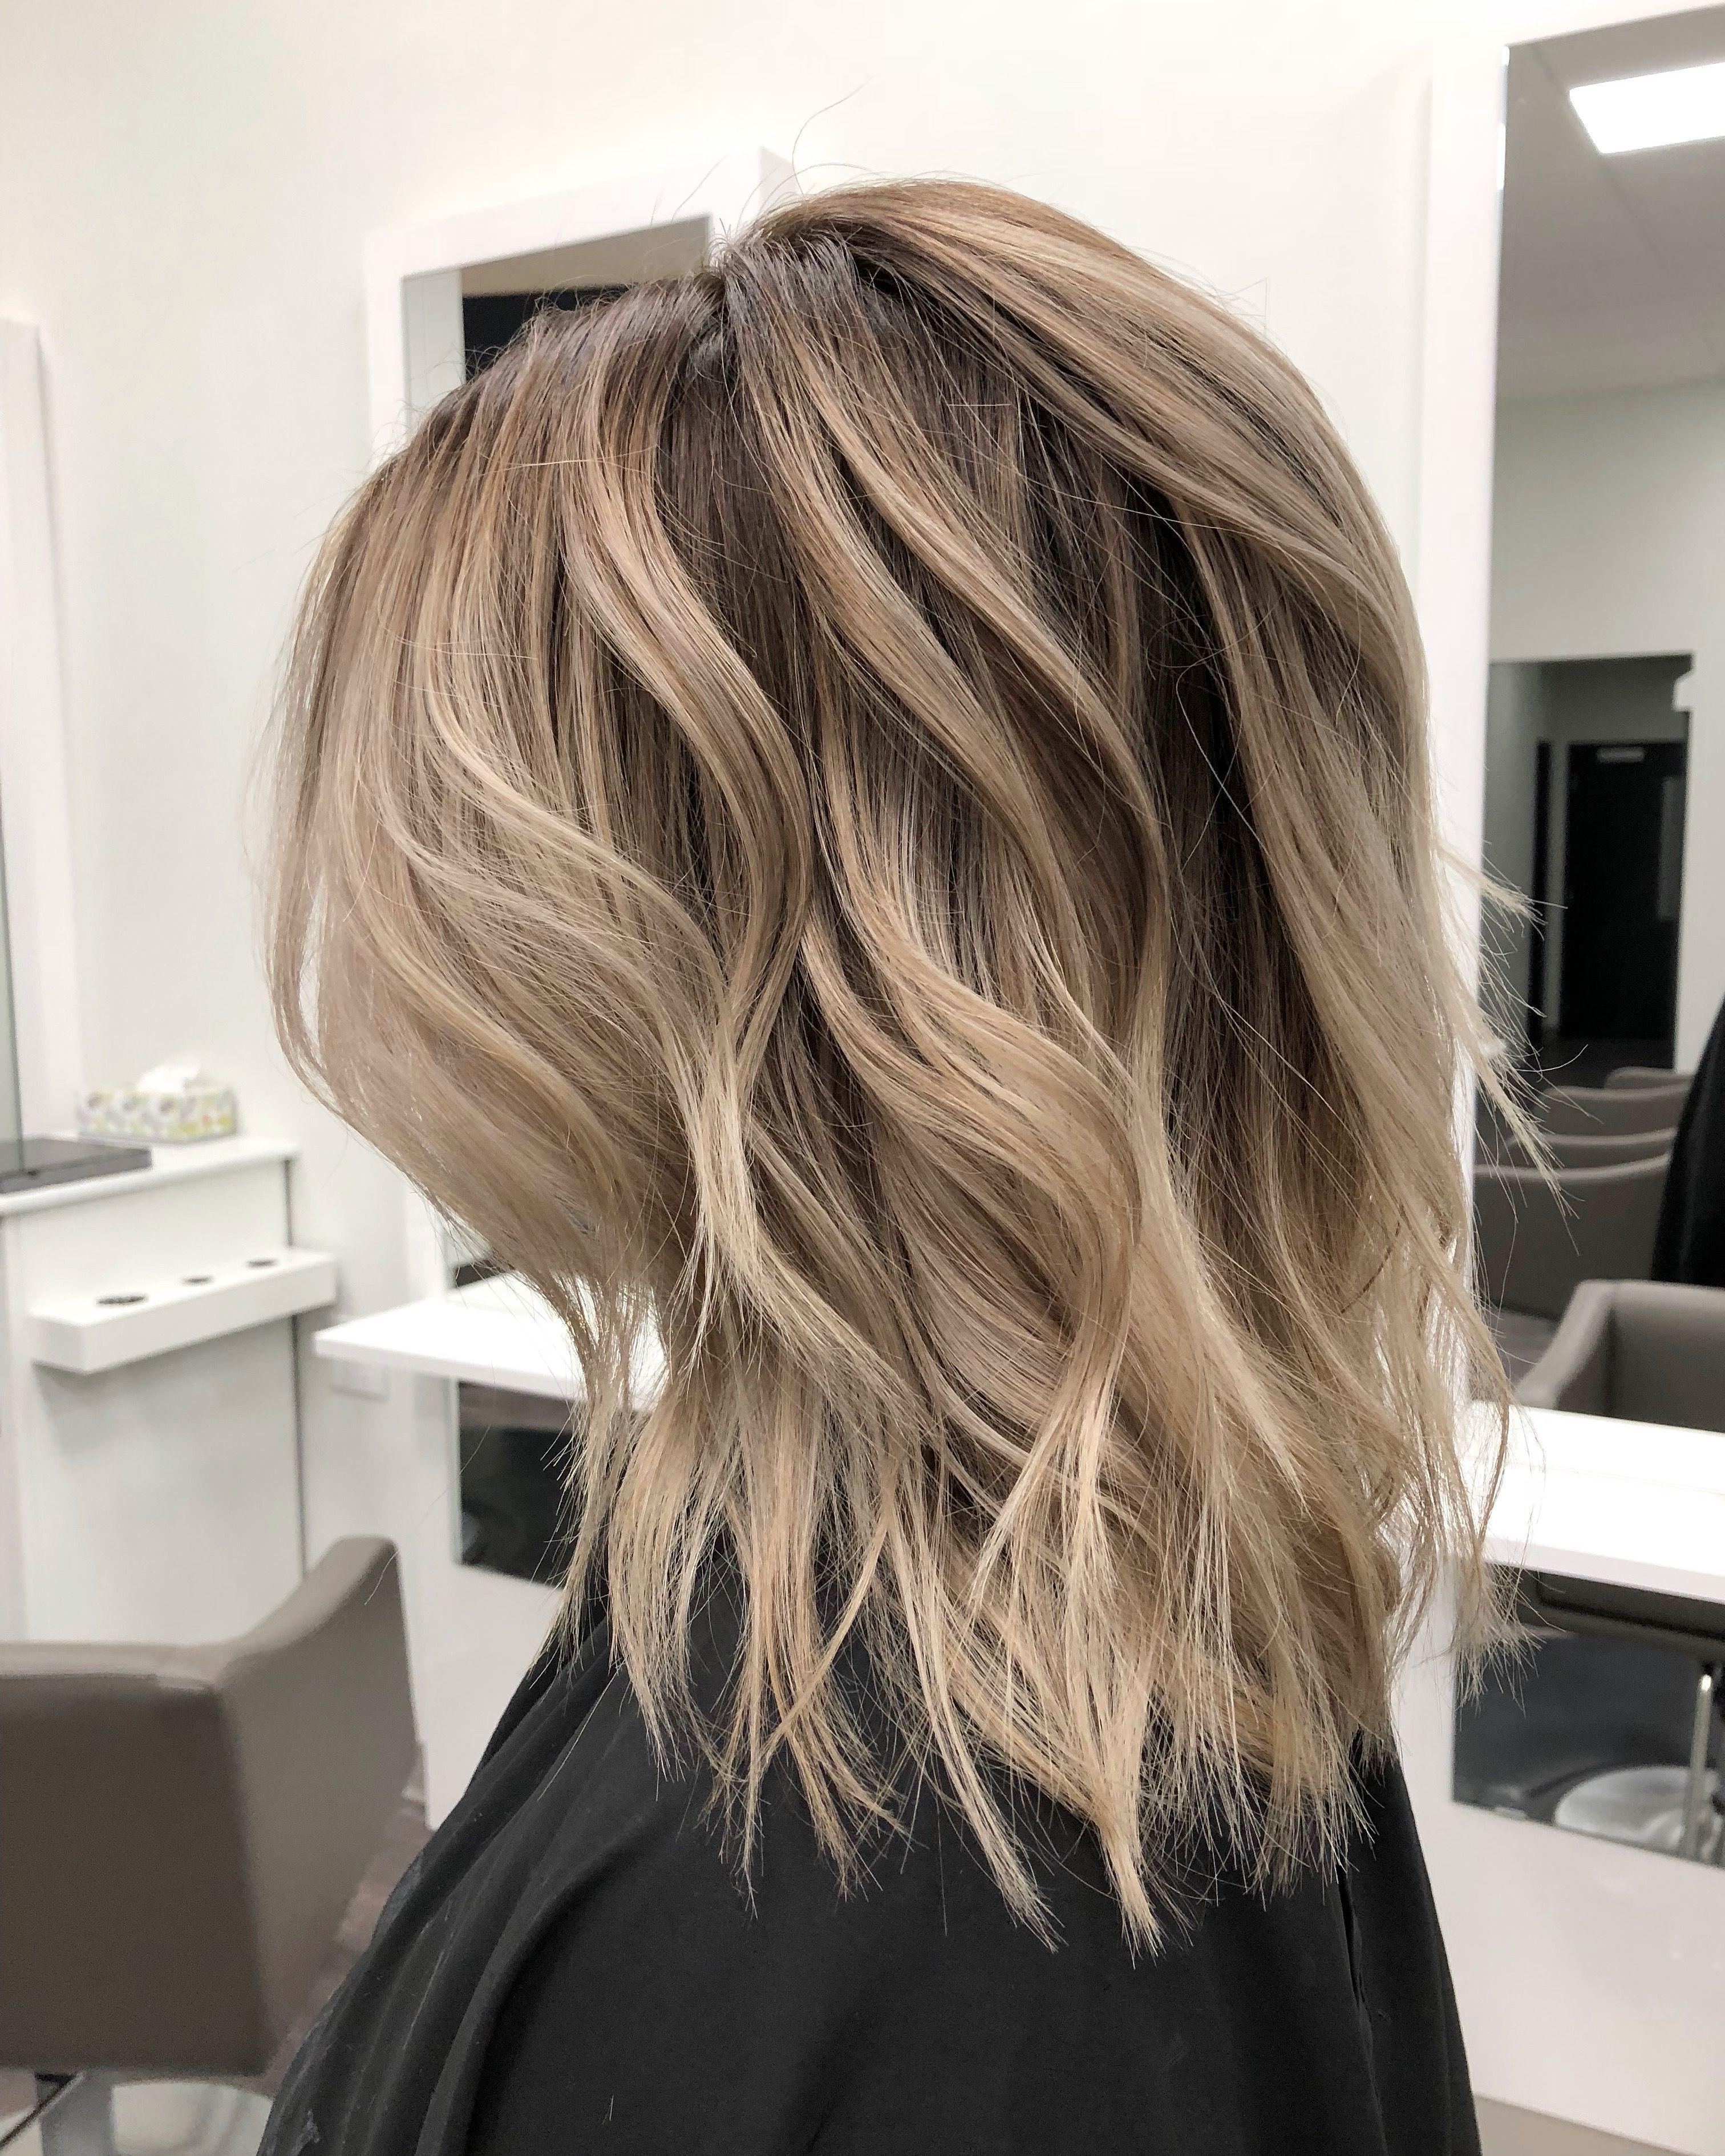 12 Cortes de cabello 201